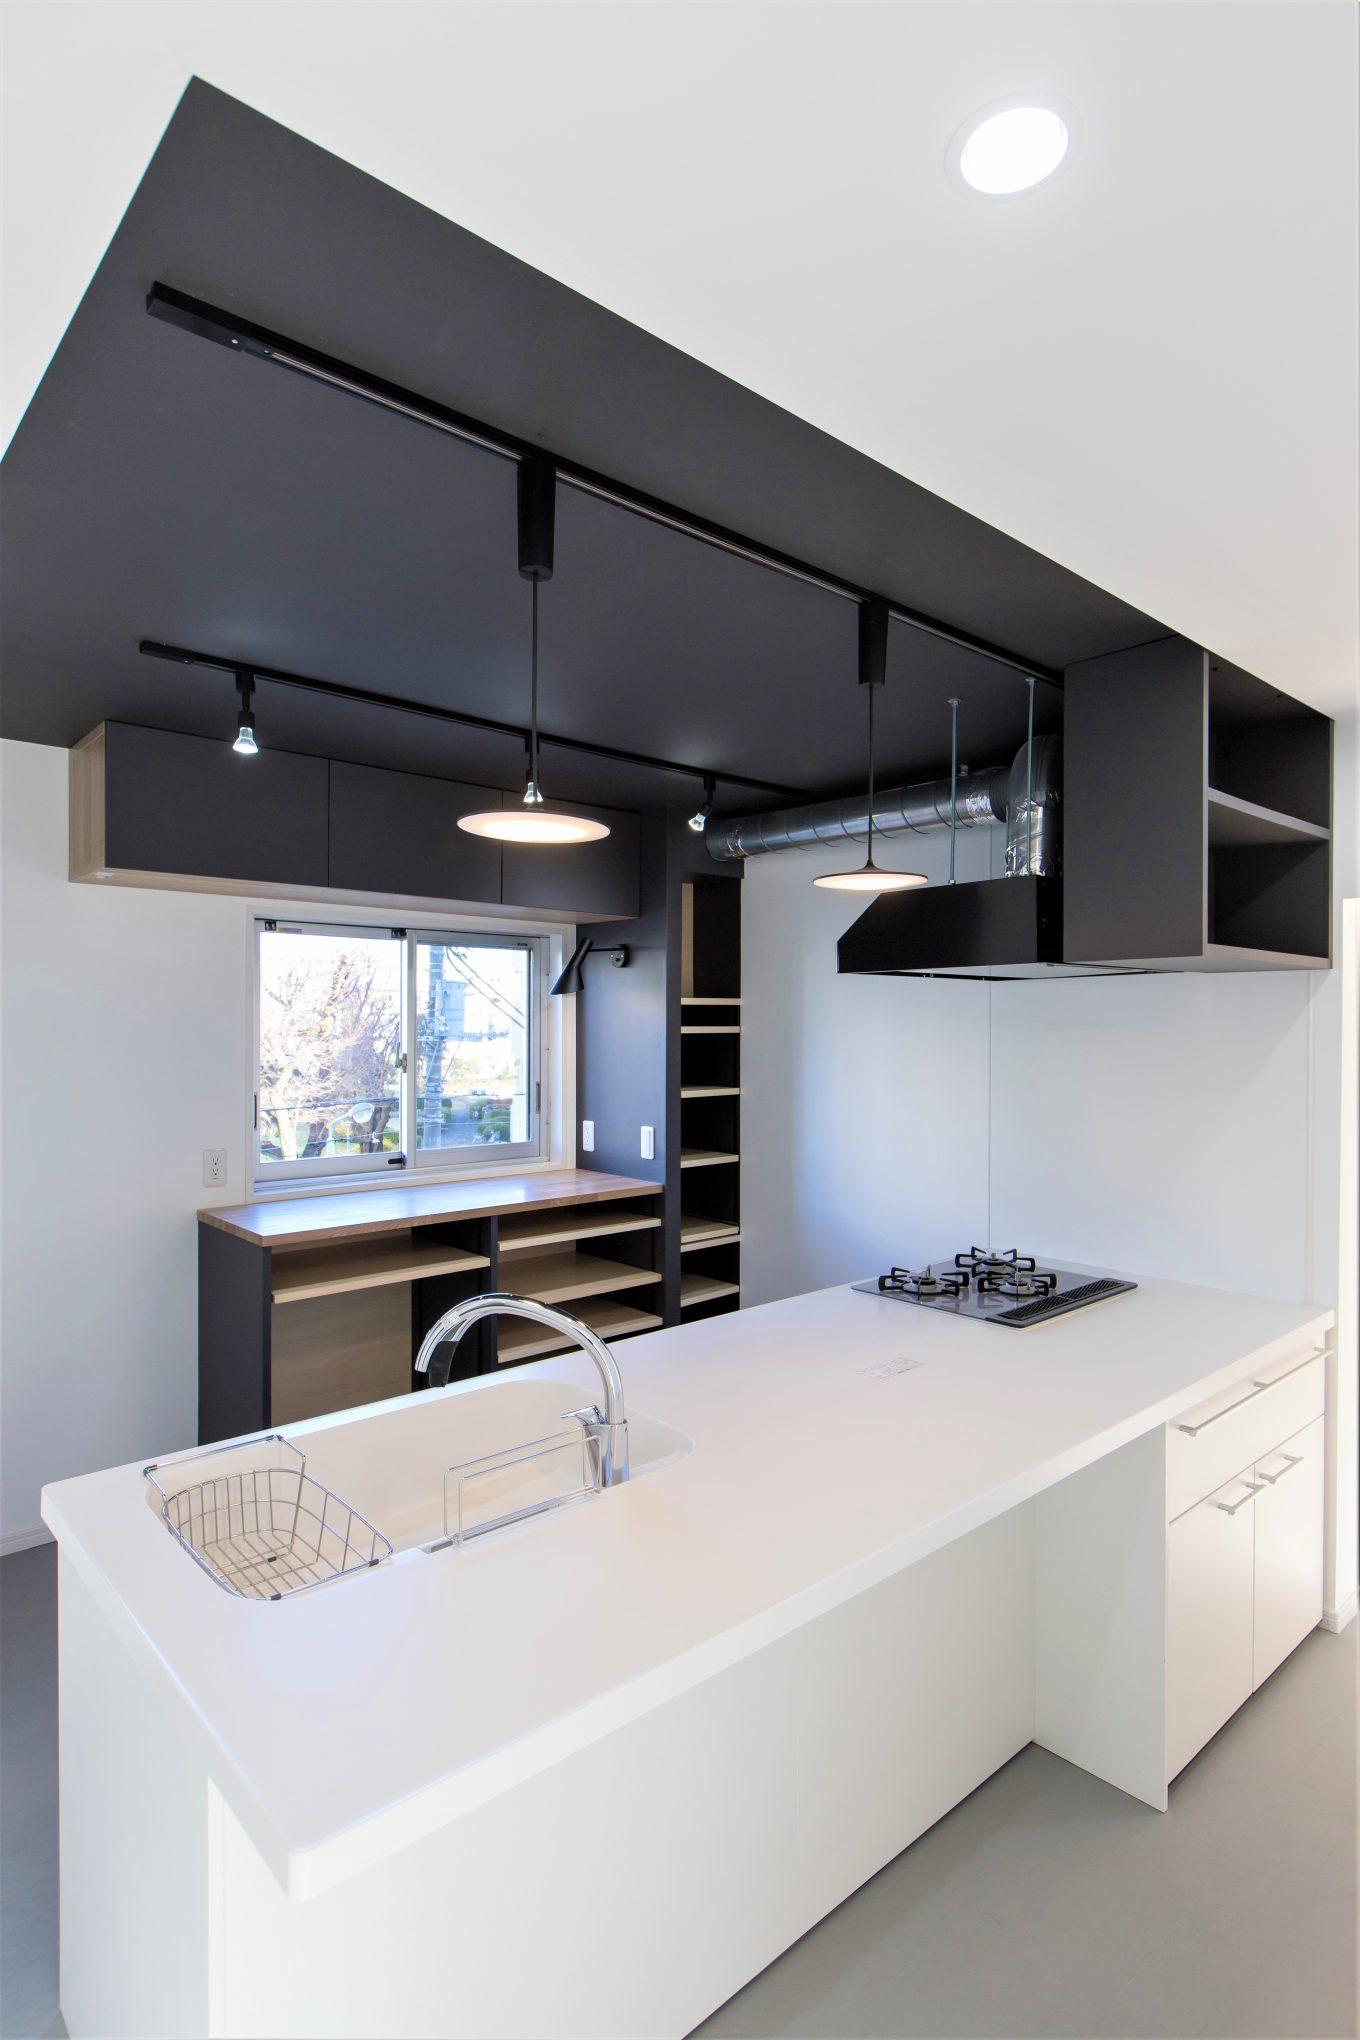 キッチンの天井をブラックにしたリノベーション